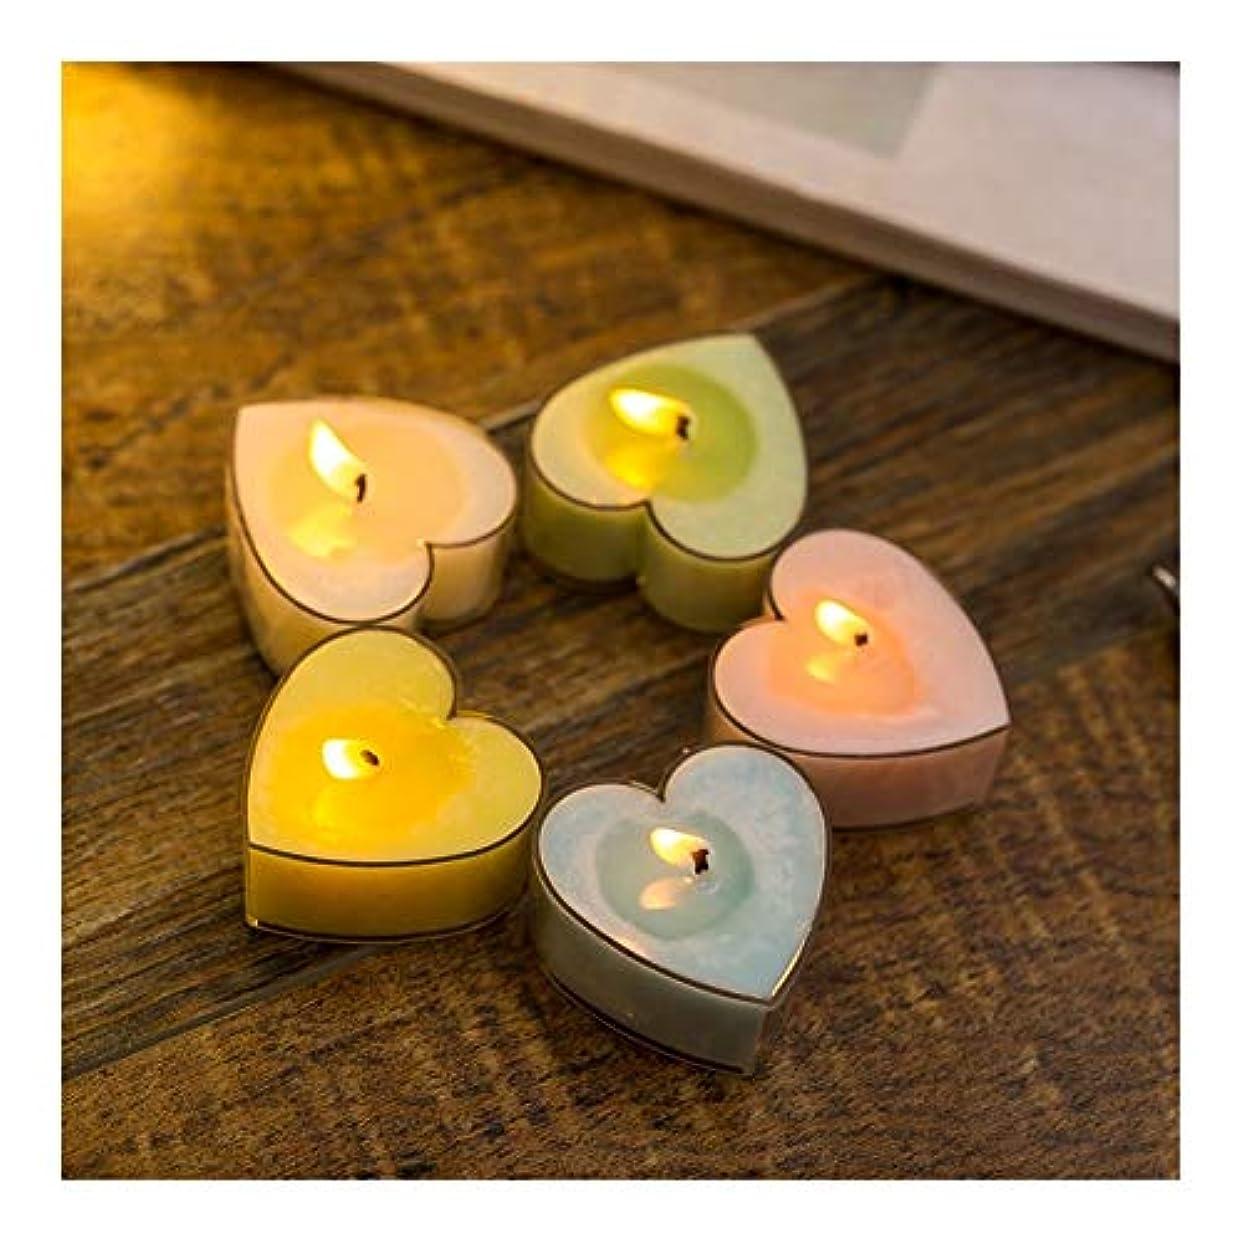 約設定ゴムものZtian 家の多彩なモモの中心の香料入りの蝋燭のカップルの悪いギフトの小さい蝋燭 (色 : Marriage)